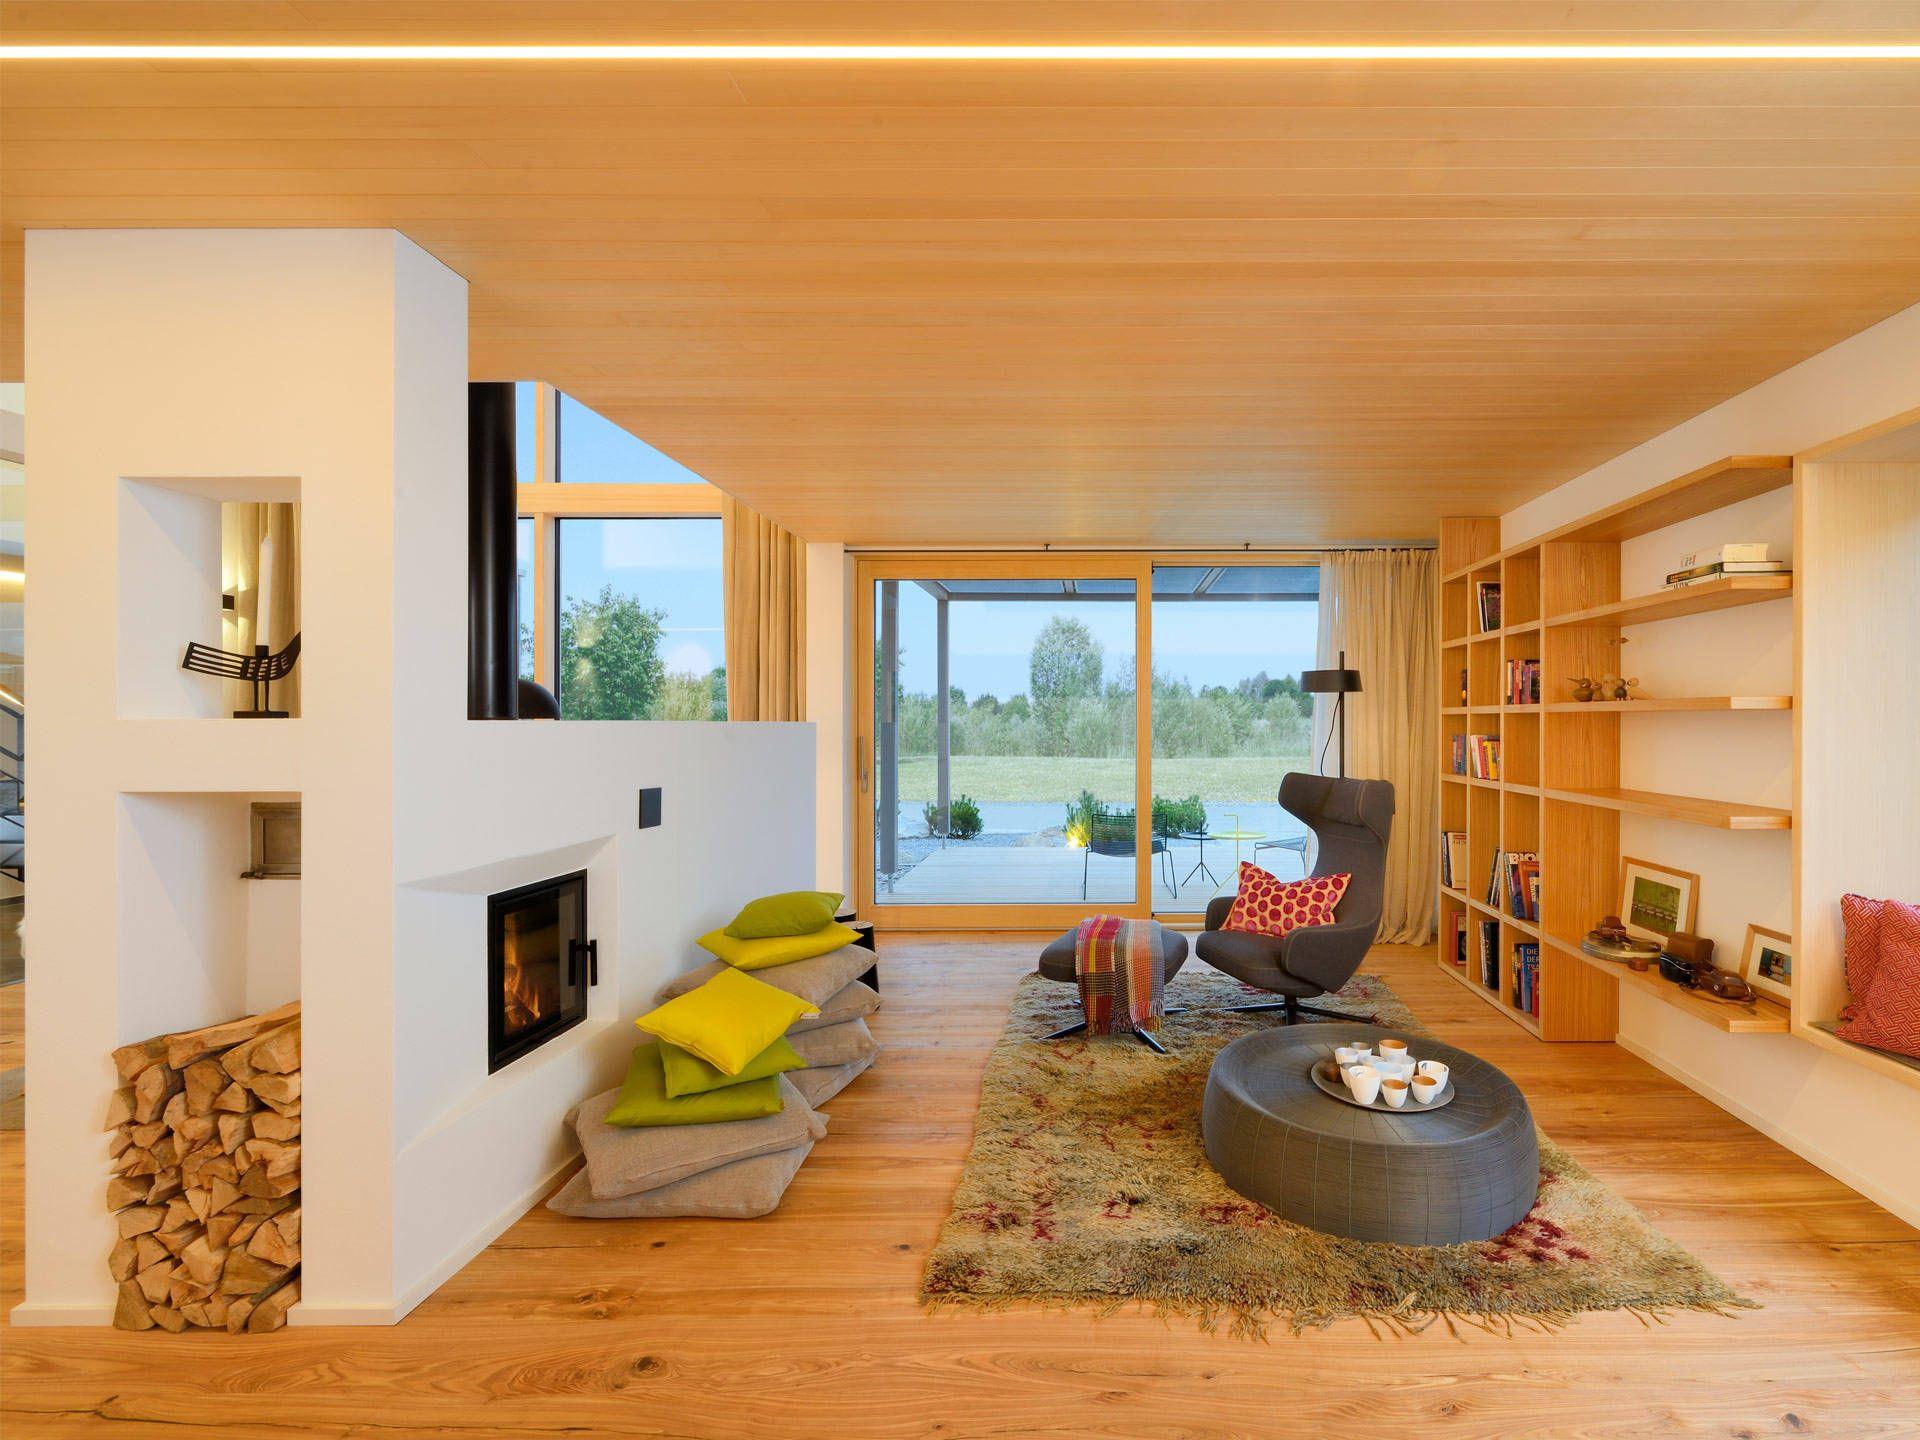 Musterhaus inneneinrichtung  Wohnbereich im Musterhaus Alpenchic von Baufritz • Mit Musterhaus ...